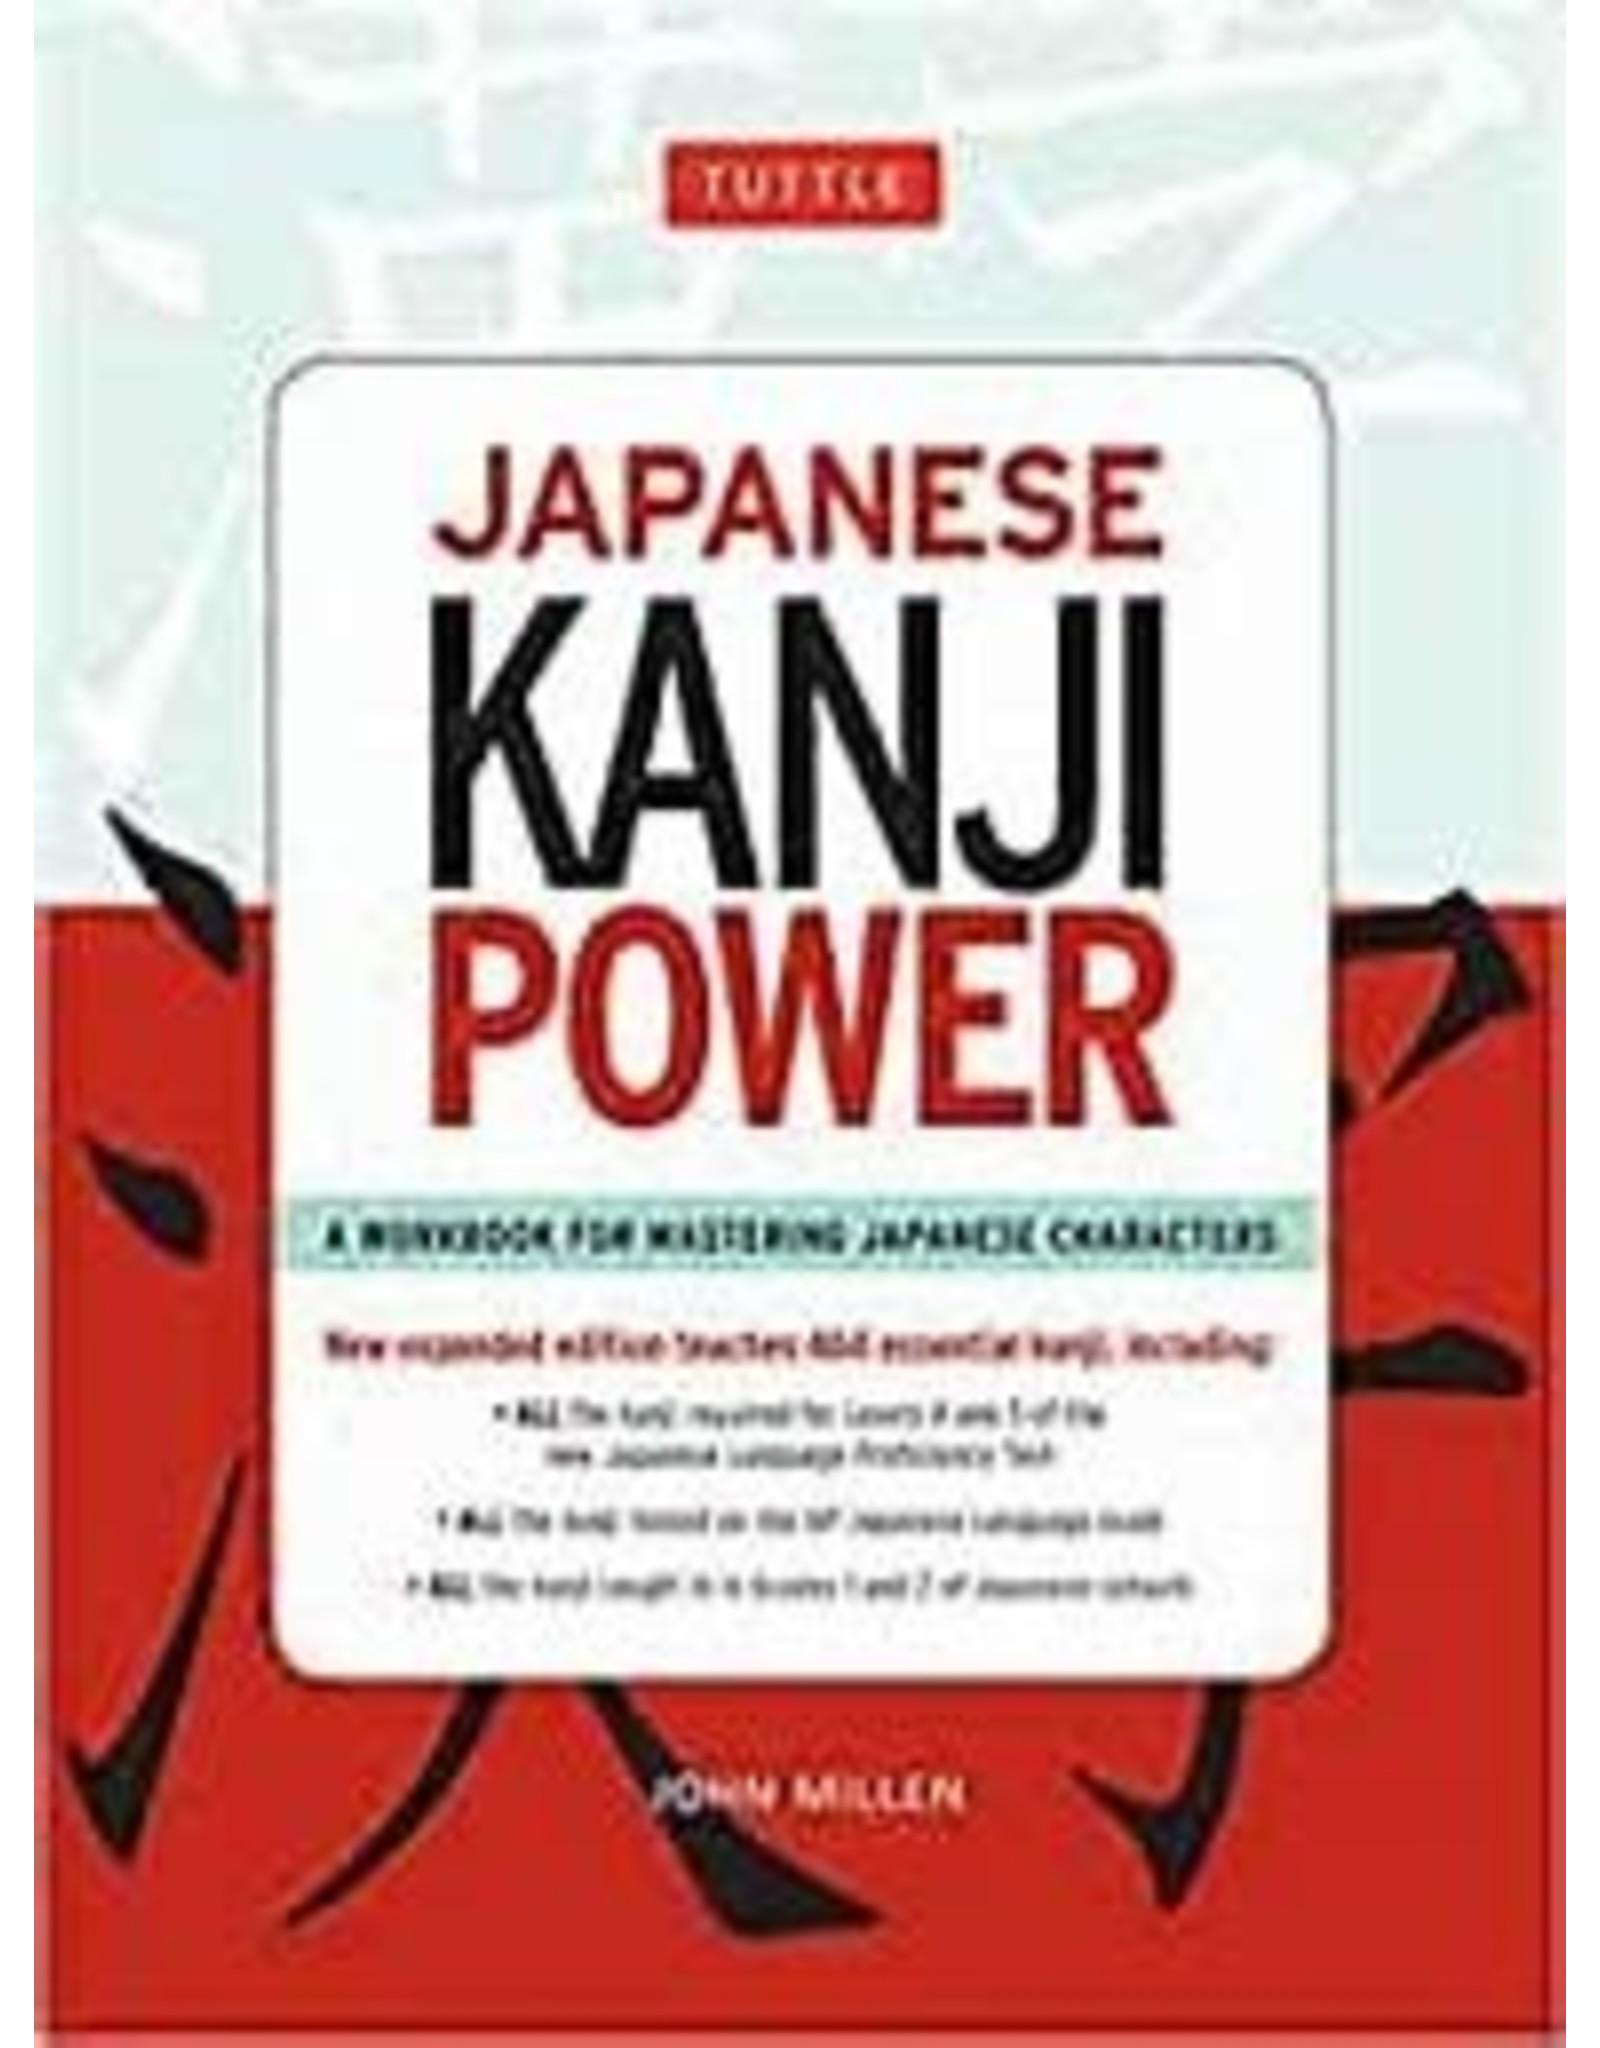 TUTTLE JAPANESE KANJI POWER